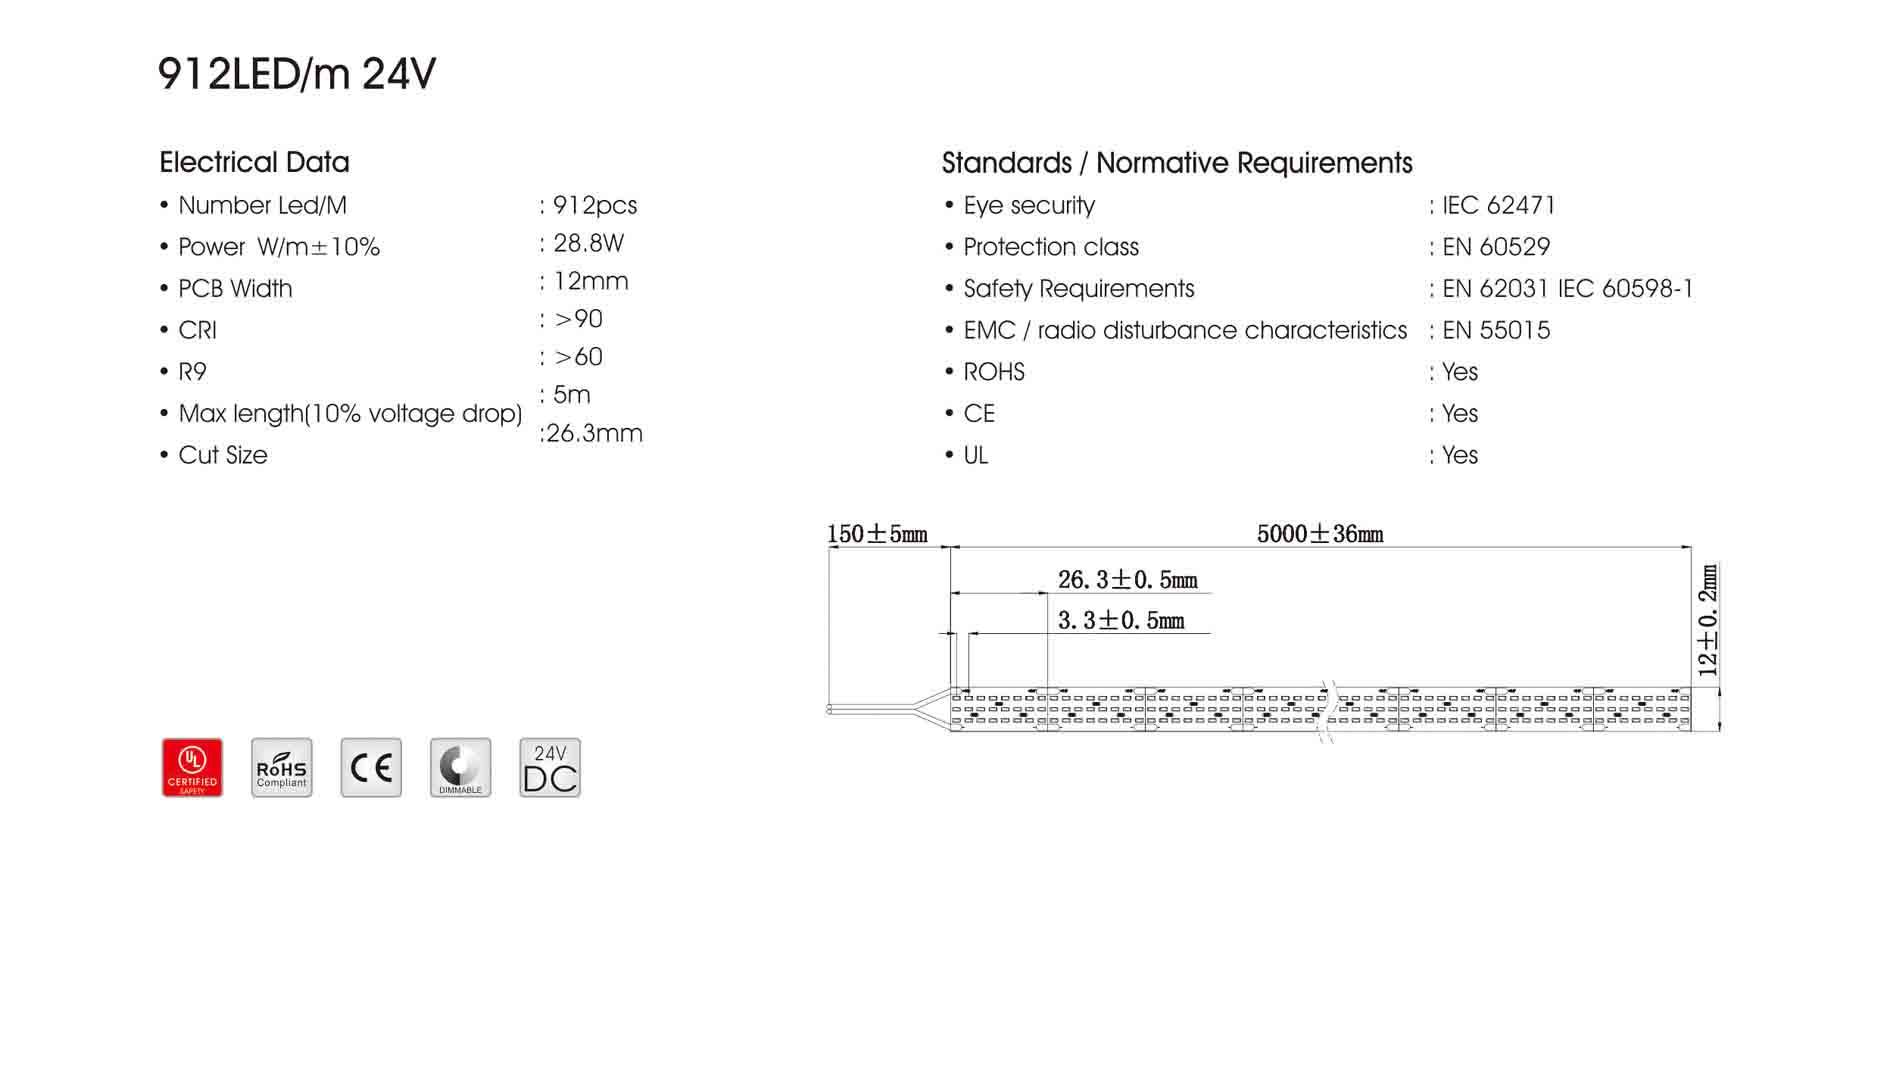 2110 912led/m 24v led strip